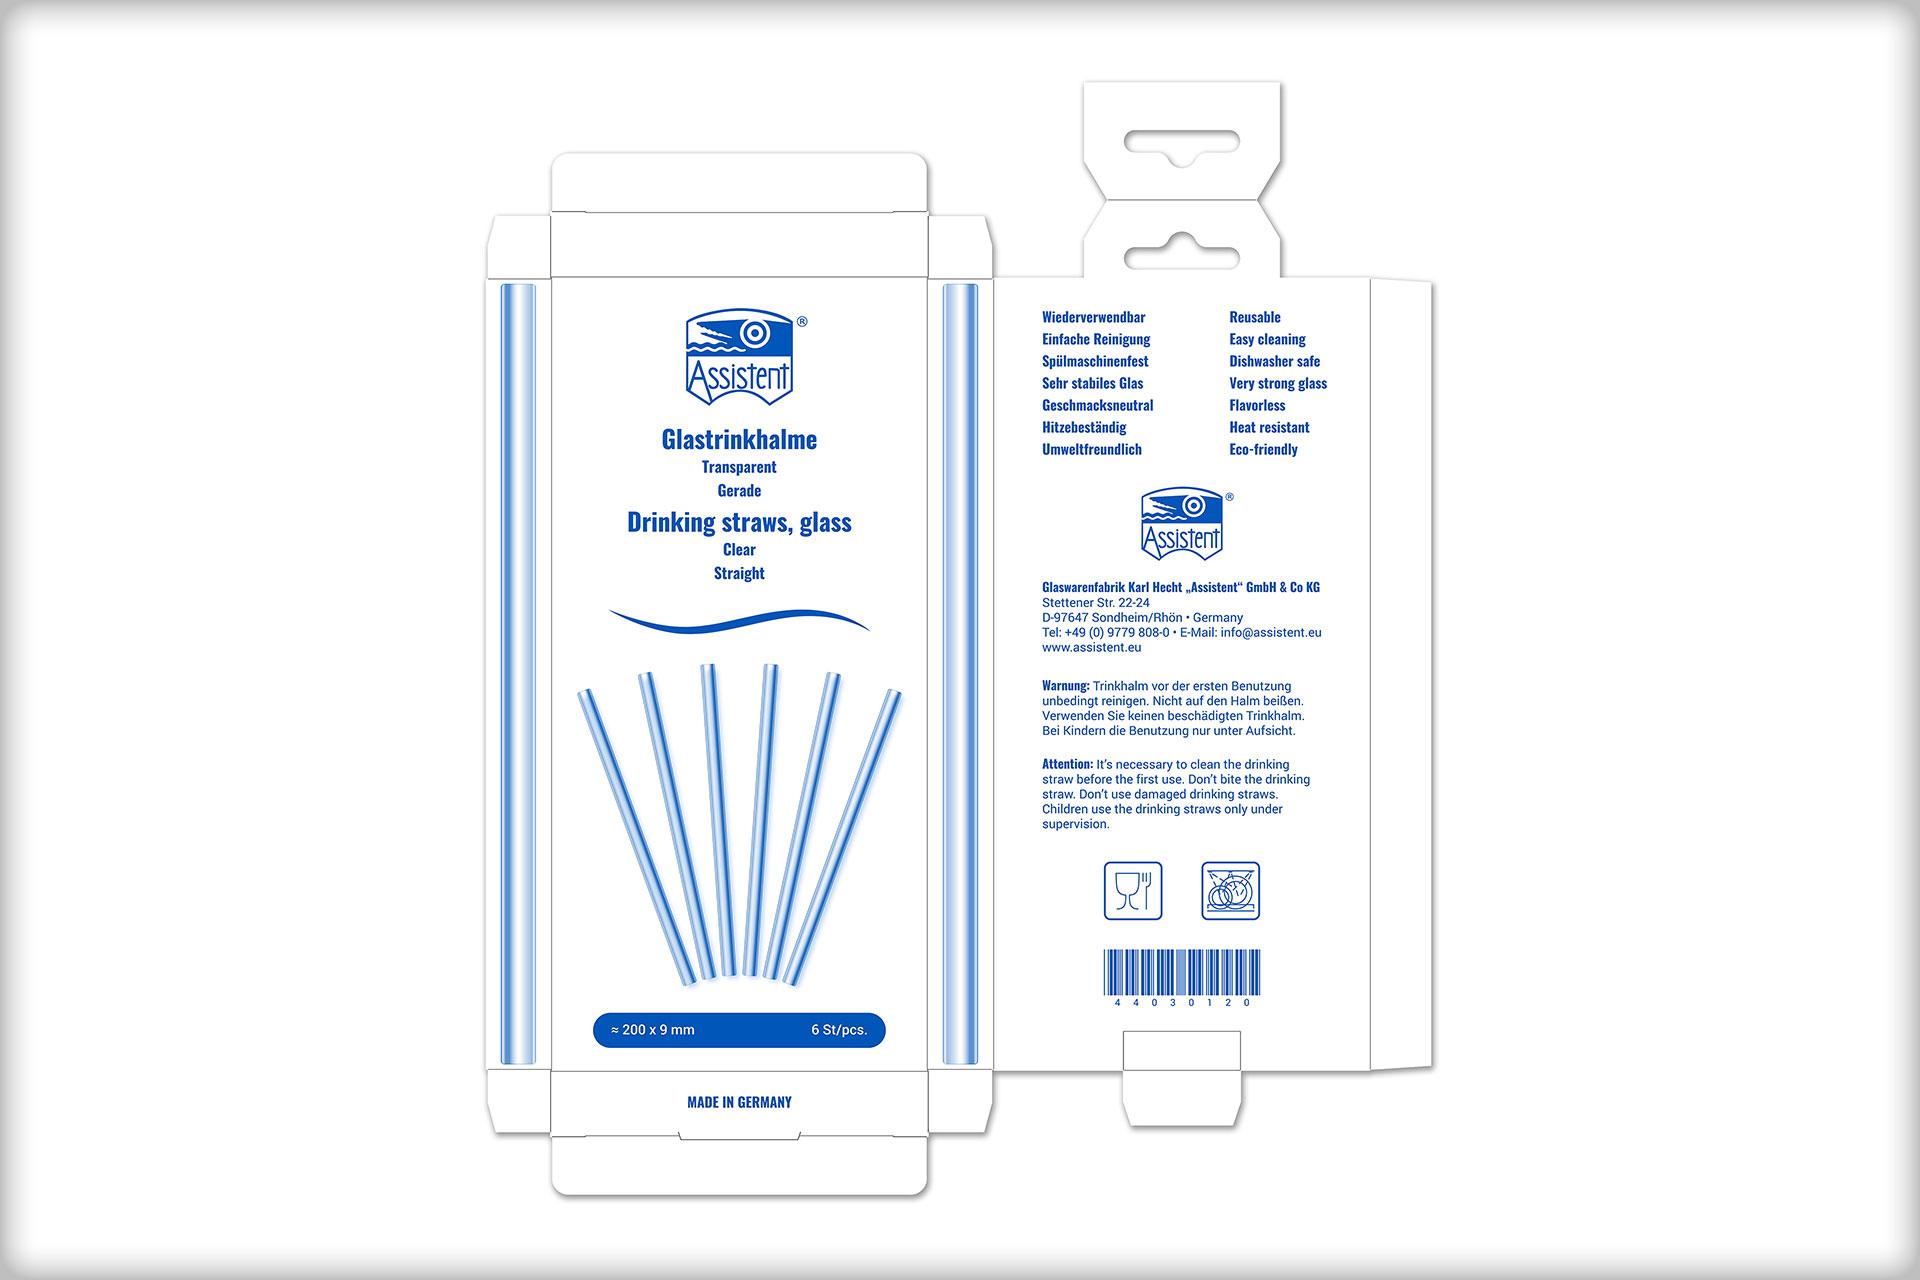 Druckvorlage für eine Verpackung Glastrinkhalme